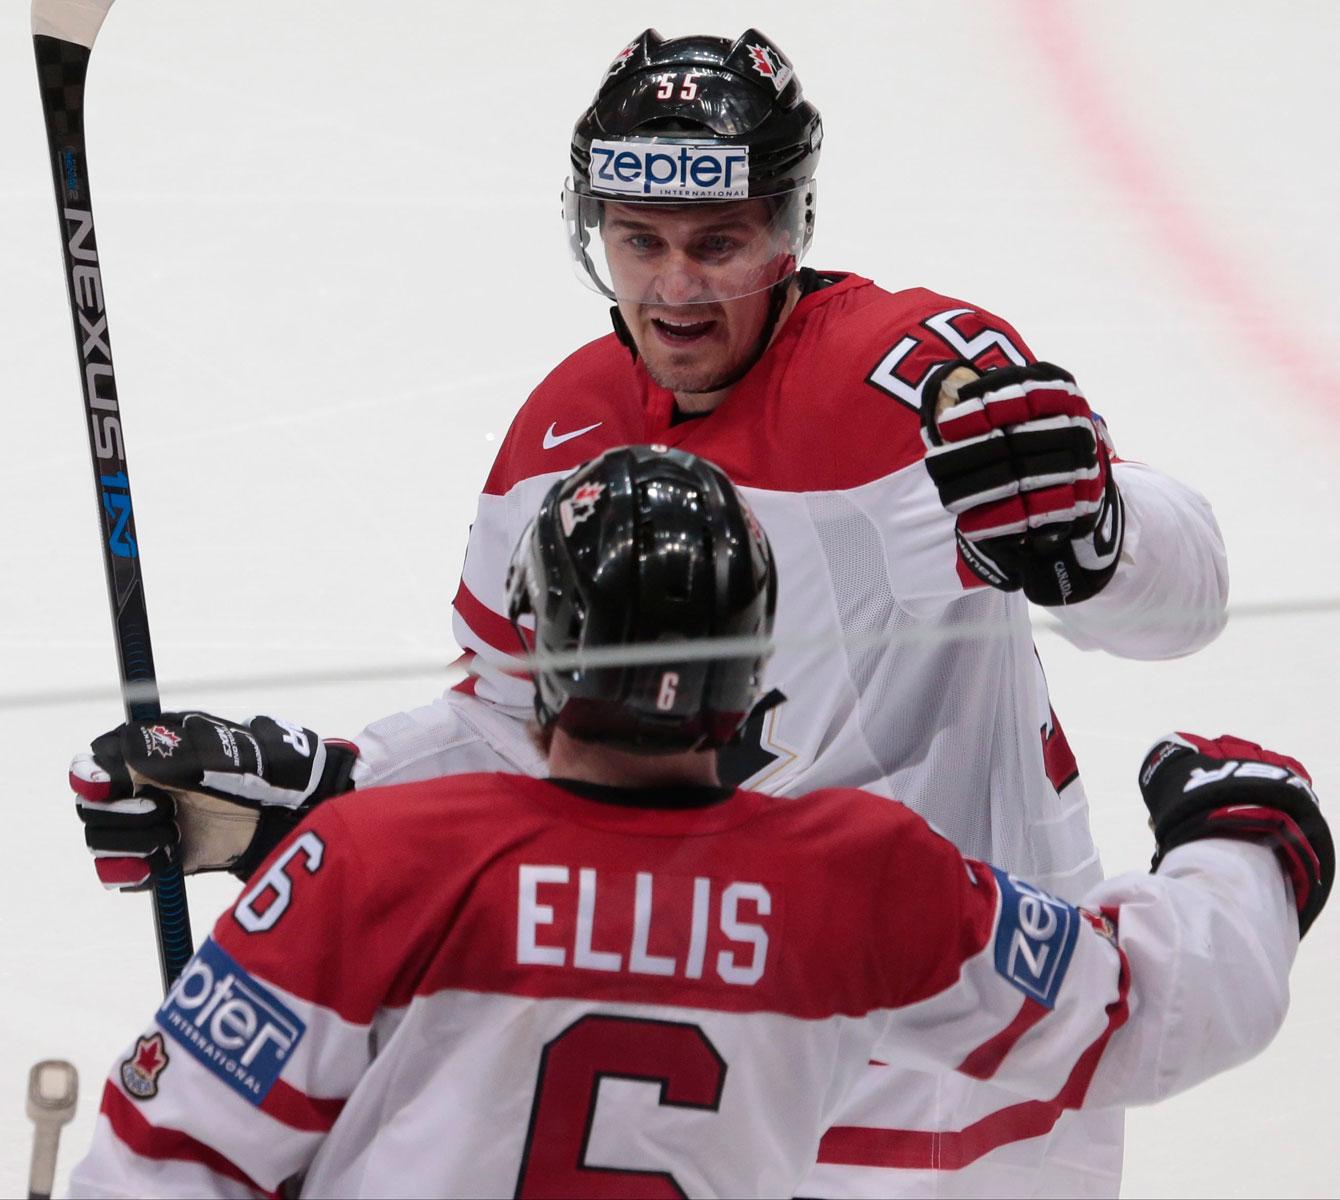 Ryan Ellis celebrates his game winning goal at IIHF worlds semifinal with Mark Scheifele on May 21, 2016.